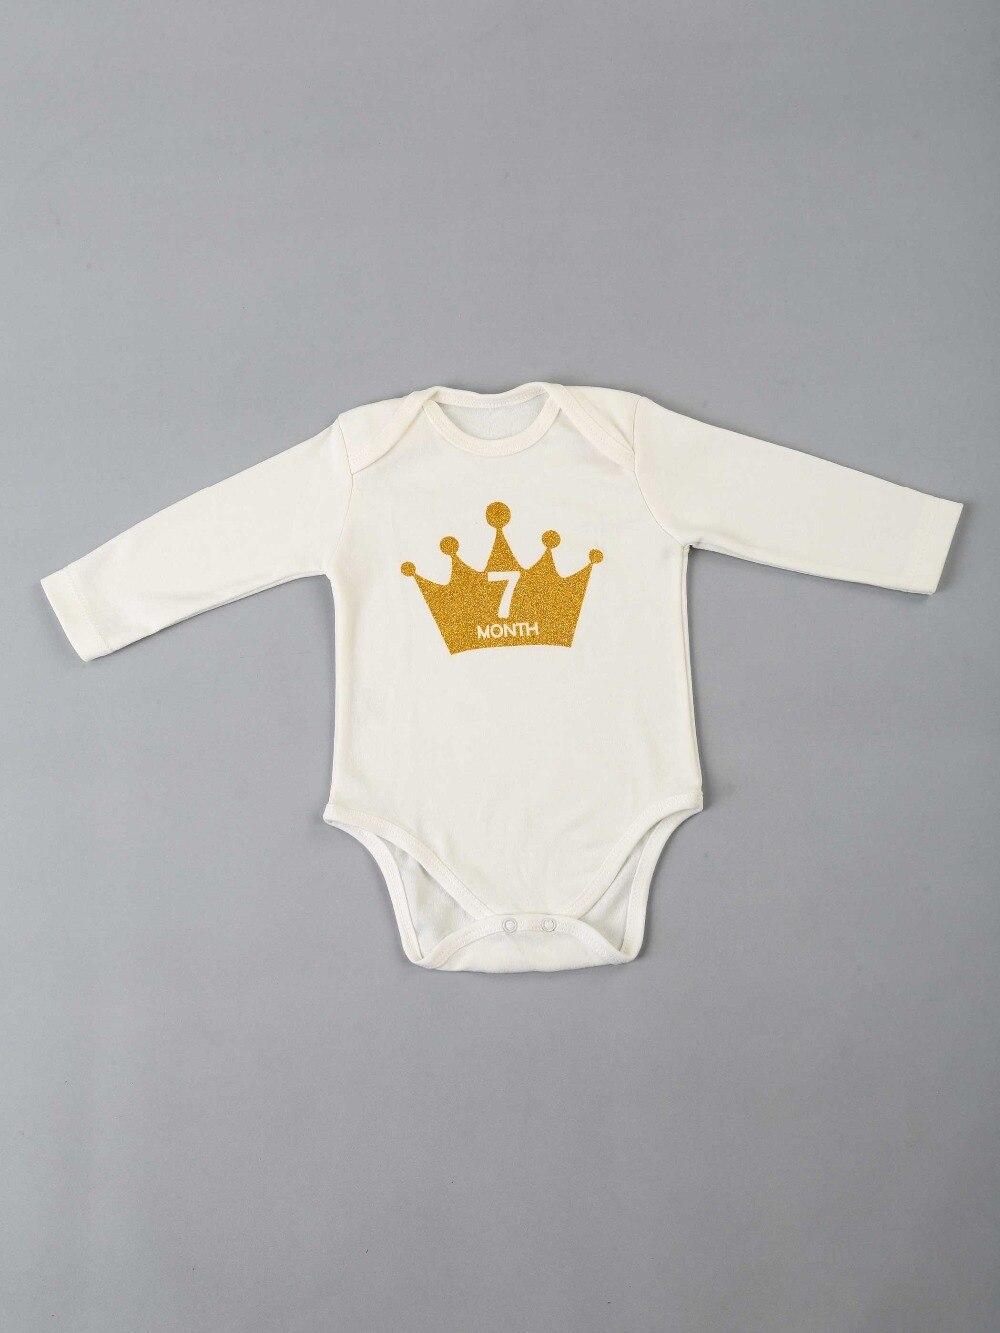 053-1361-005 Beyaz 12 Aya Özel Bebek Badi (8)